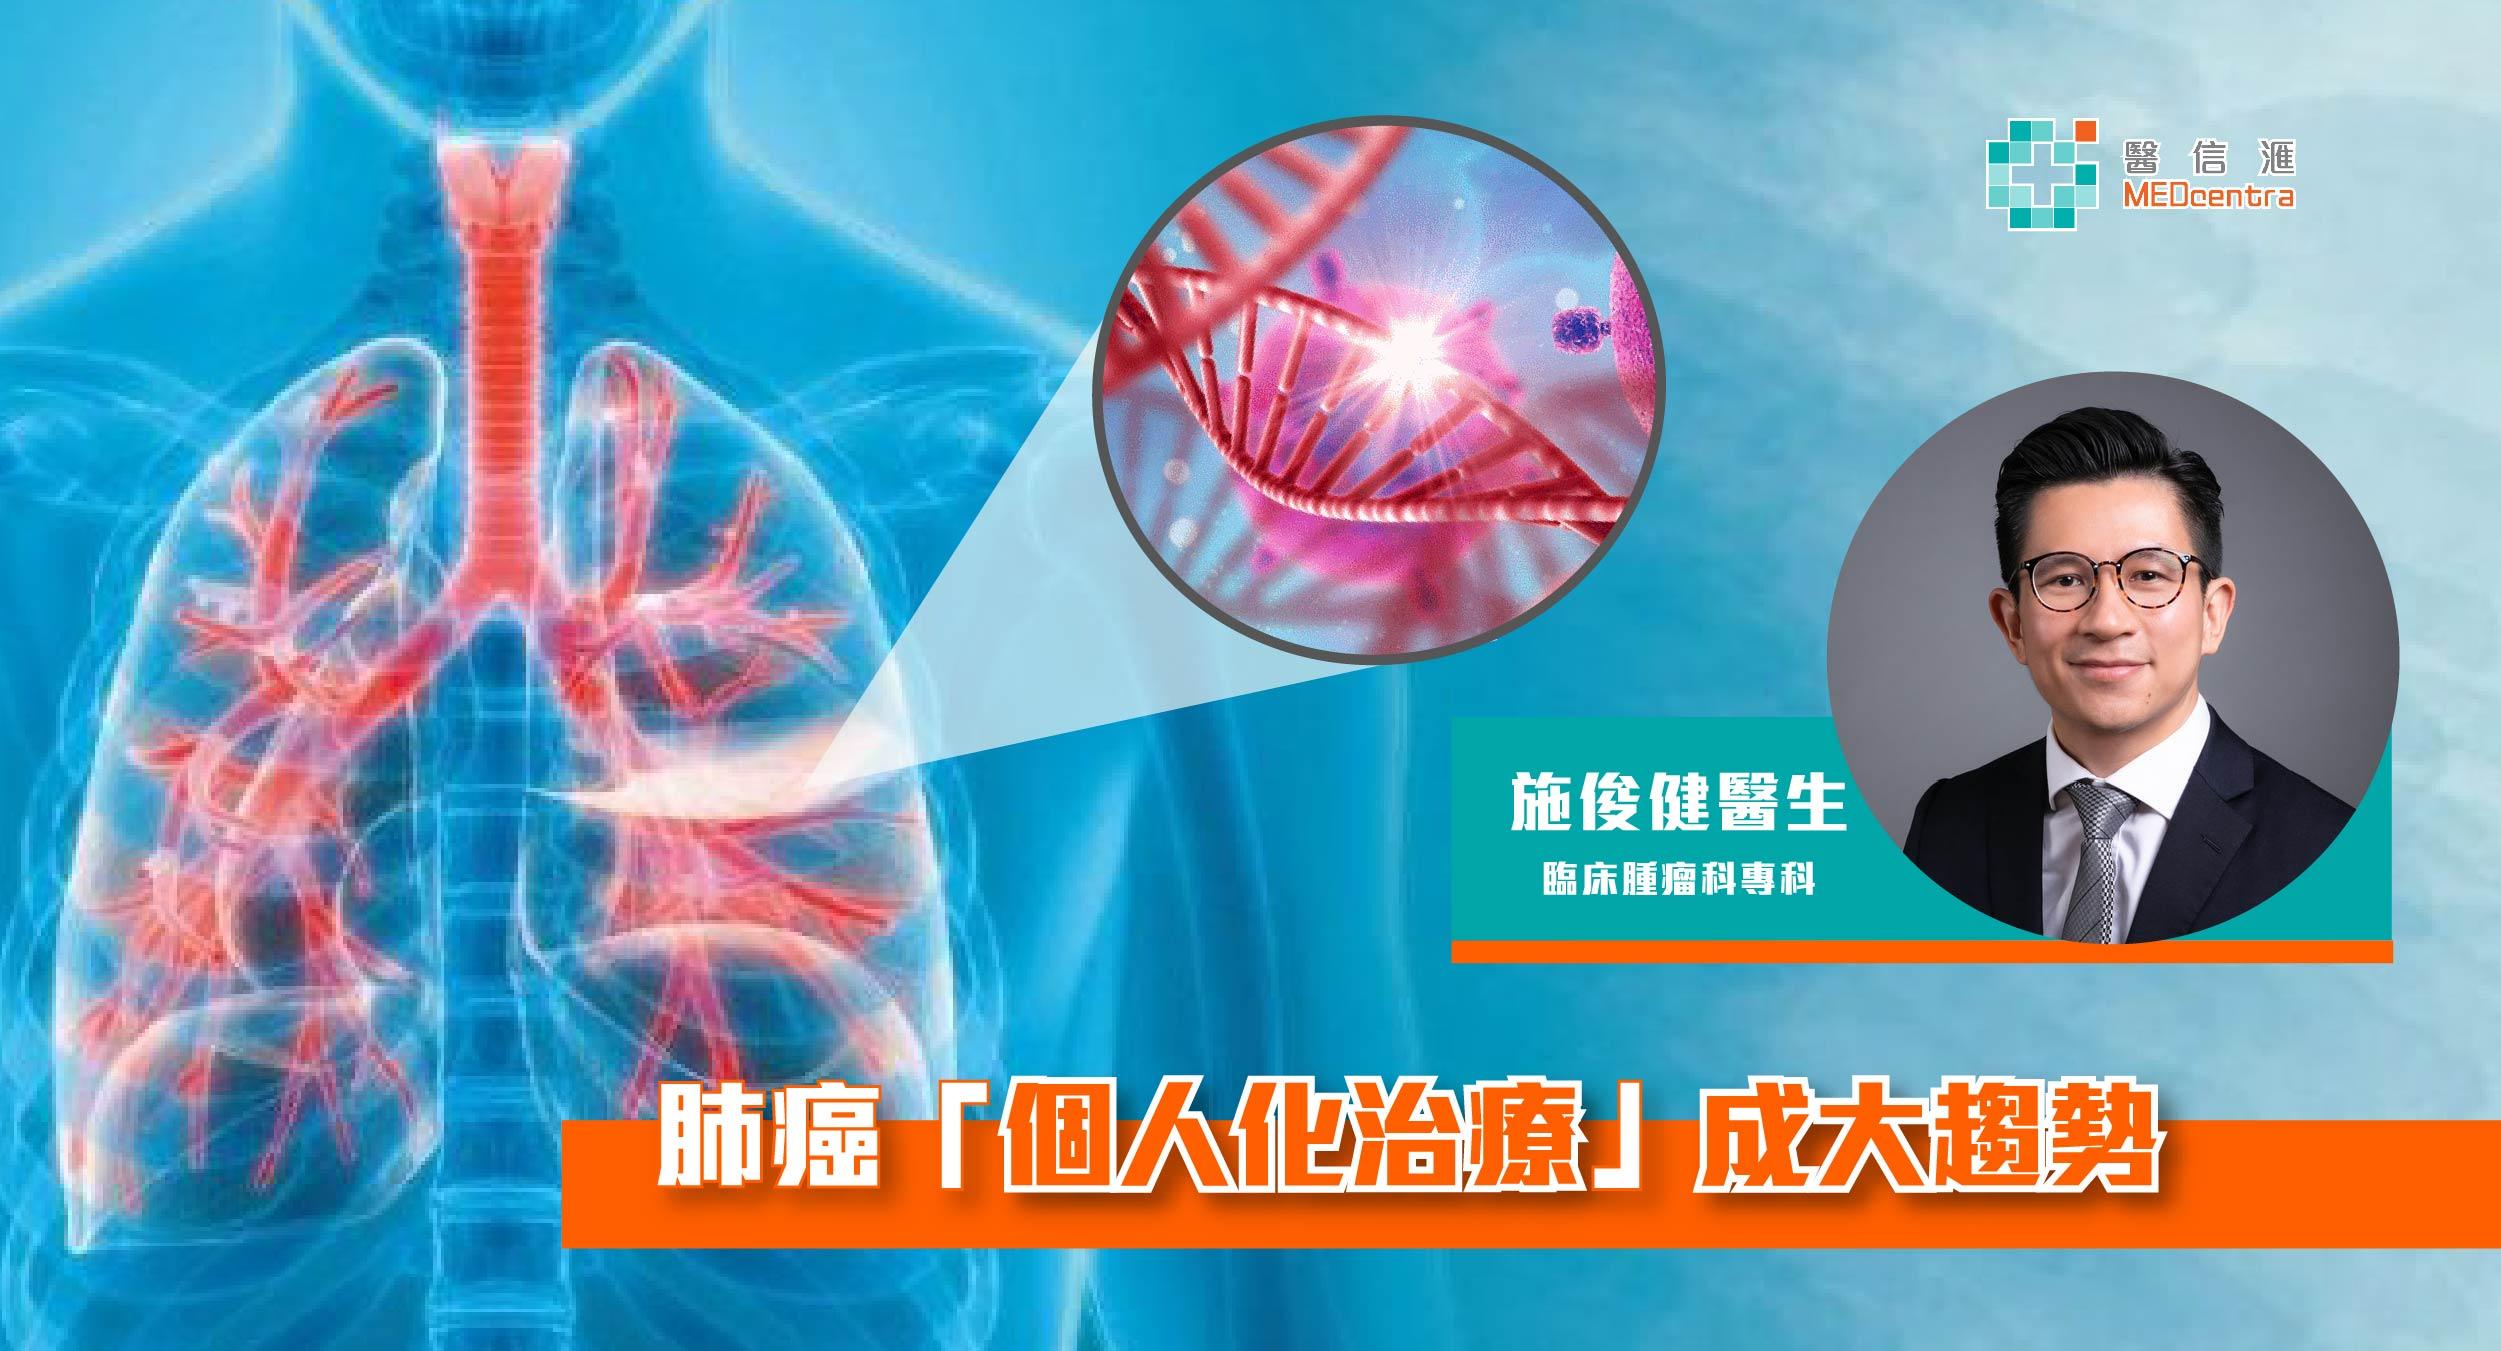 肺癌治療趨個人化 <br>患者放鬆心情對抗疾病